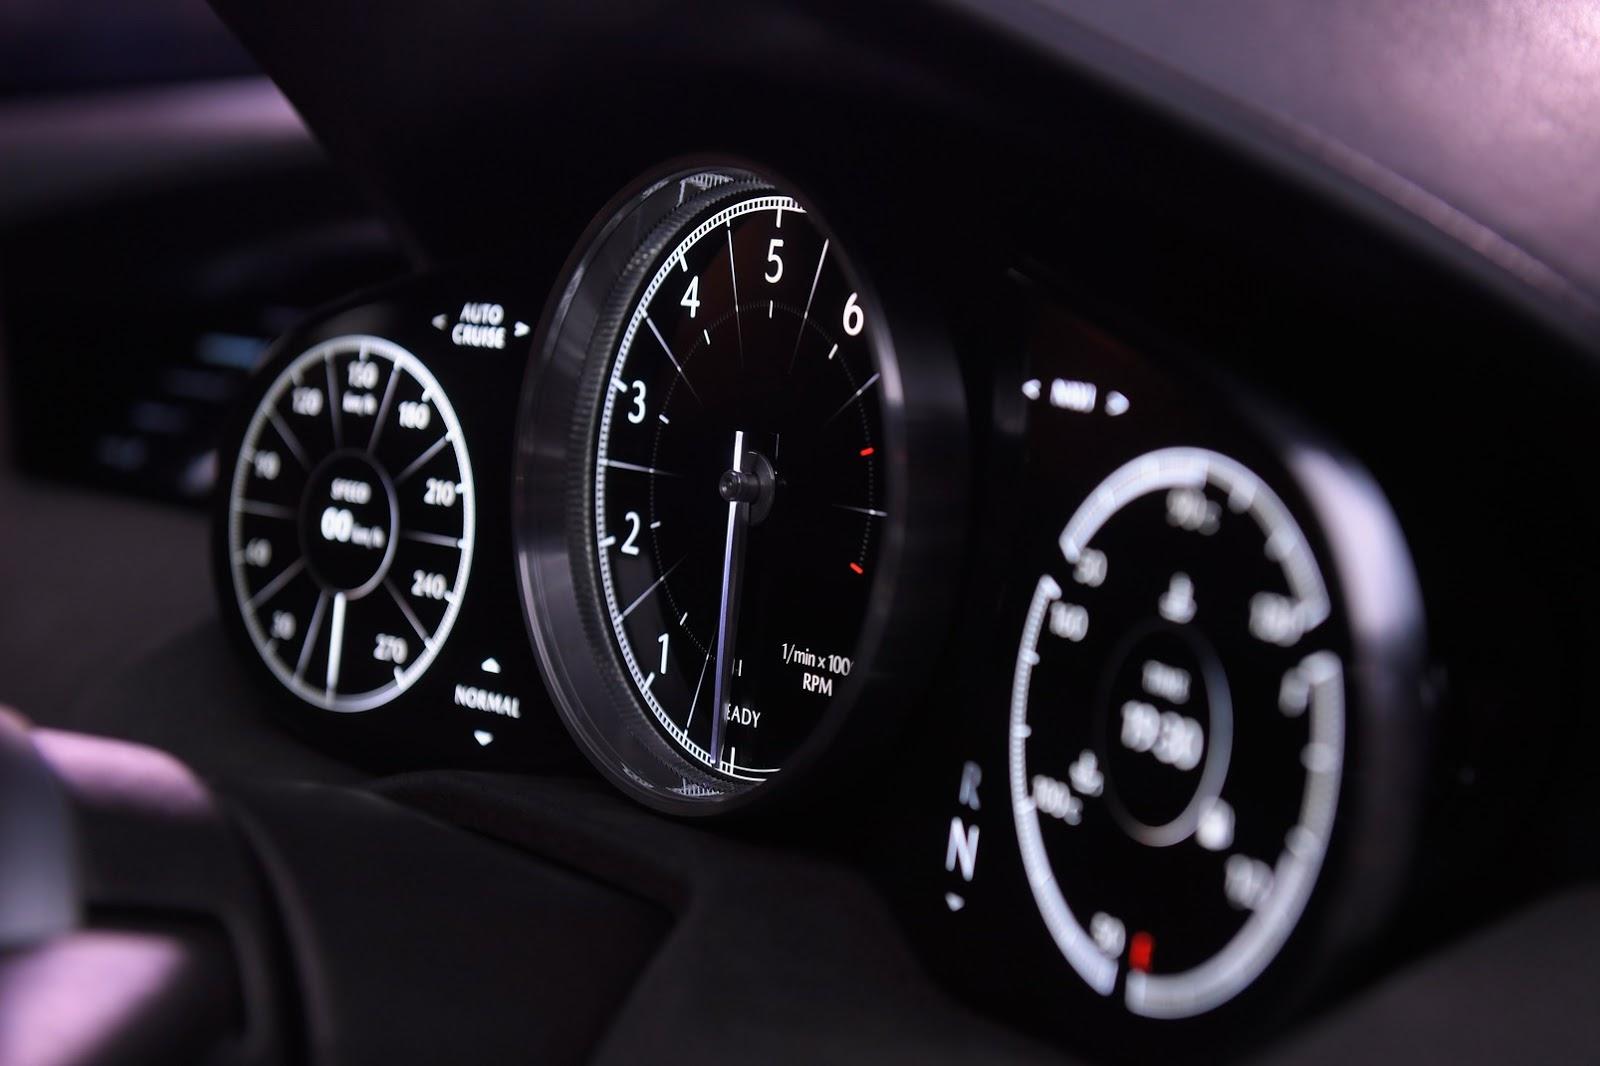 Mazda đang phát triển động cơ xăng và dầu 6 động cơ Skyactiv-X mới - 12